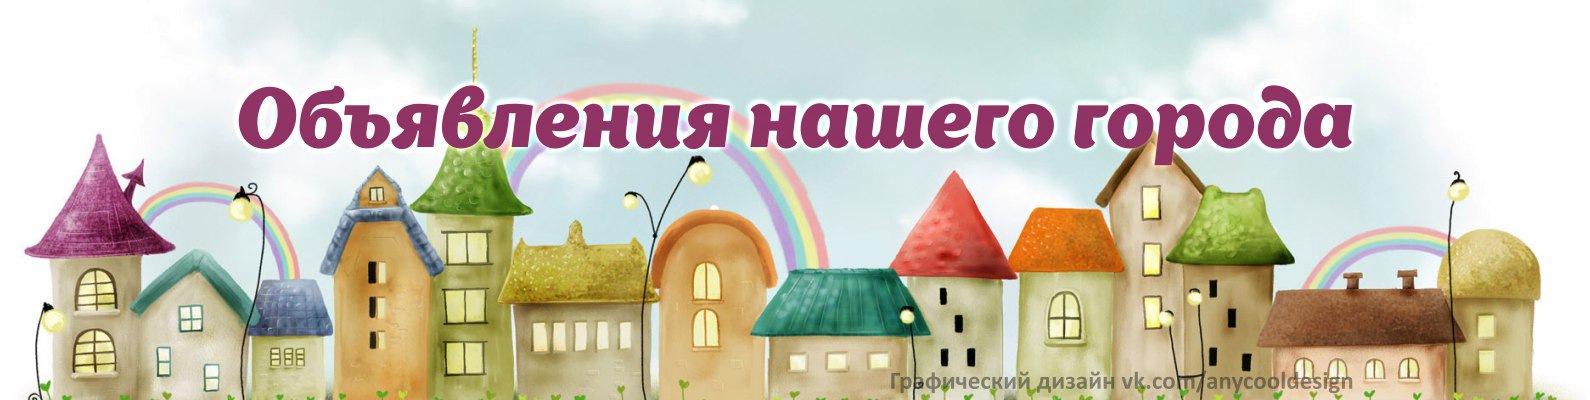 Частные объявления киров барахолка разместить объявление об услуге бесплатно красноярск